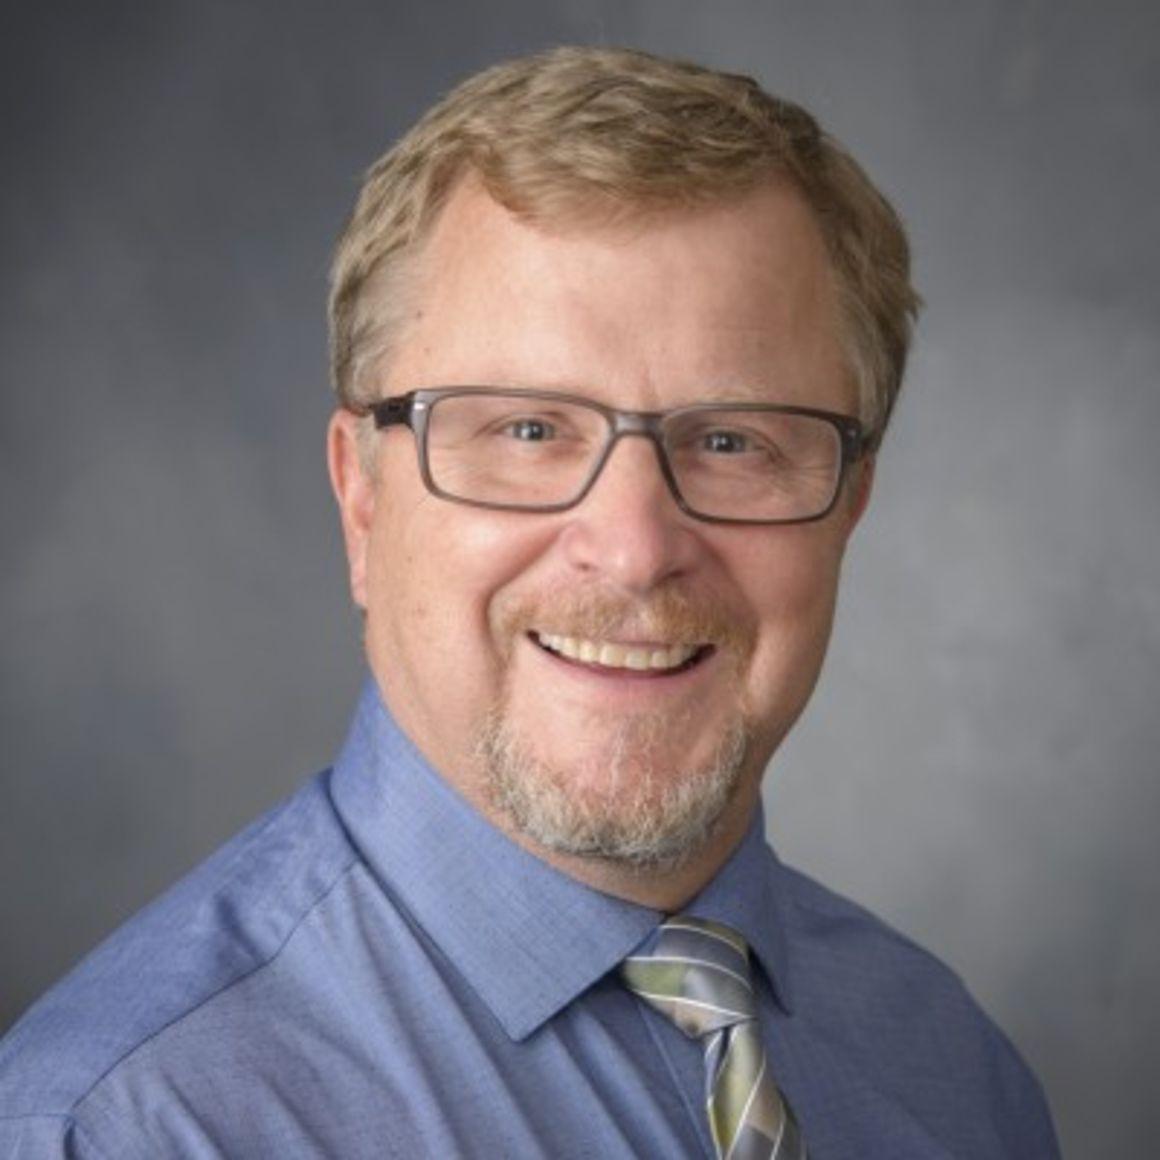 Dr. E. kent Frye MD - Kankakee, IL